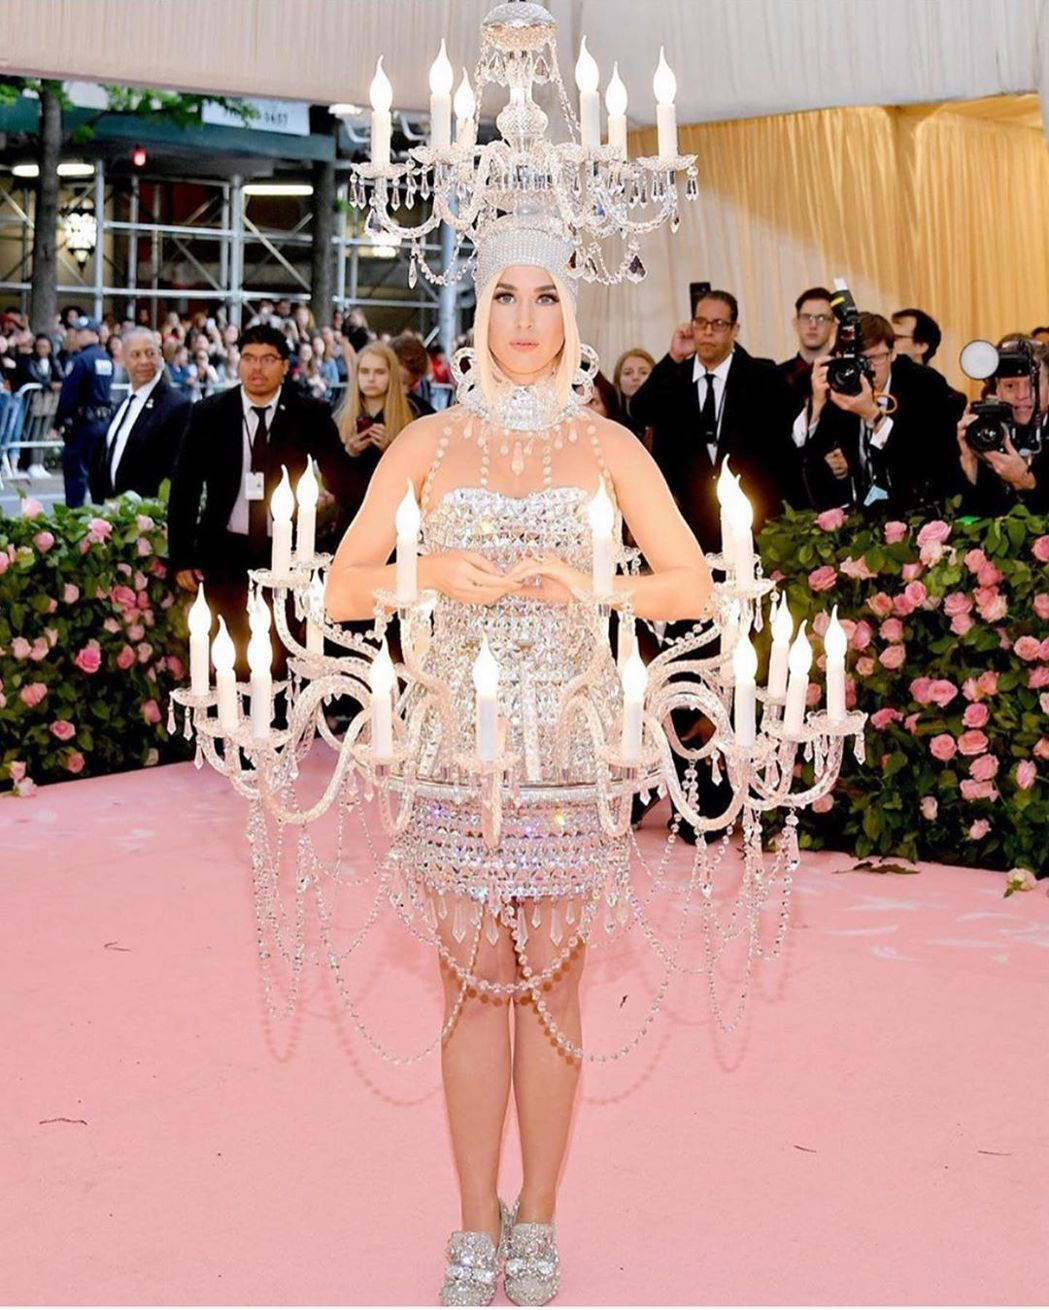 凱蒂佩瑞拿出她萬聖節變裝的態度穿上Moschino的銀色燭台裝,概念應該是延伸自...